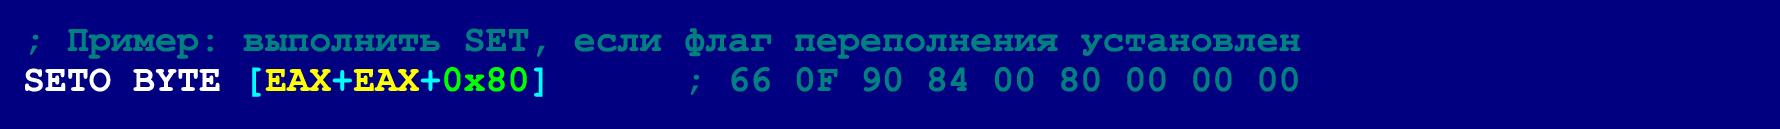 Как написать на ассемблере программу с перекрываемыми инструкциями (ещё одна техника обфускации байт-кода) - 6